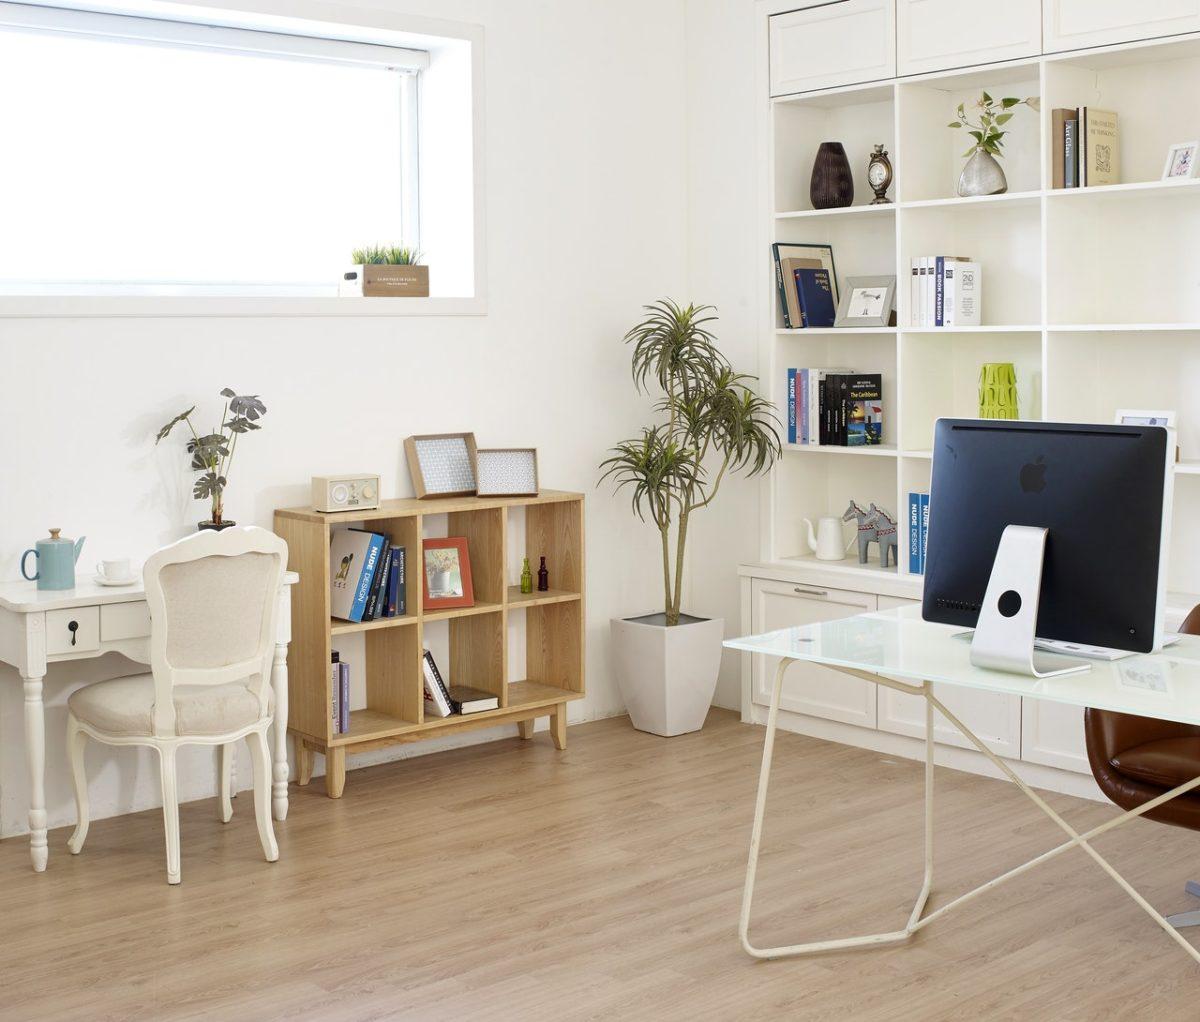 Meble w bieli i drewnie do nowoczesnego salonu